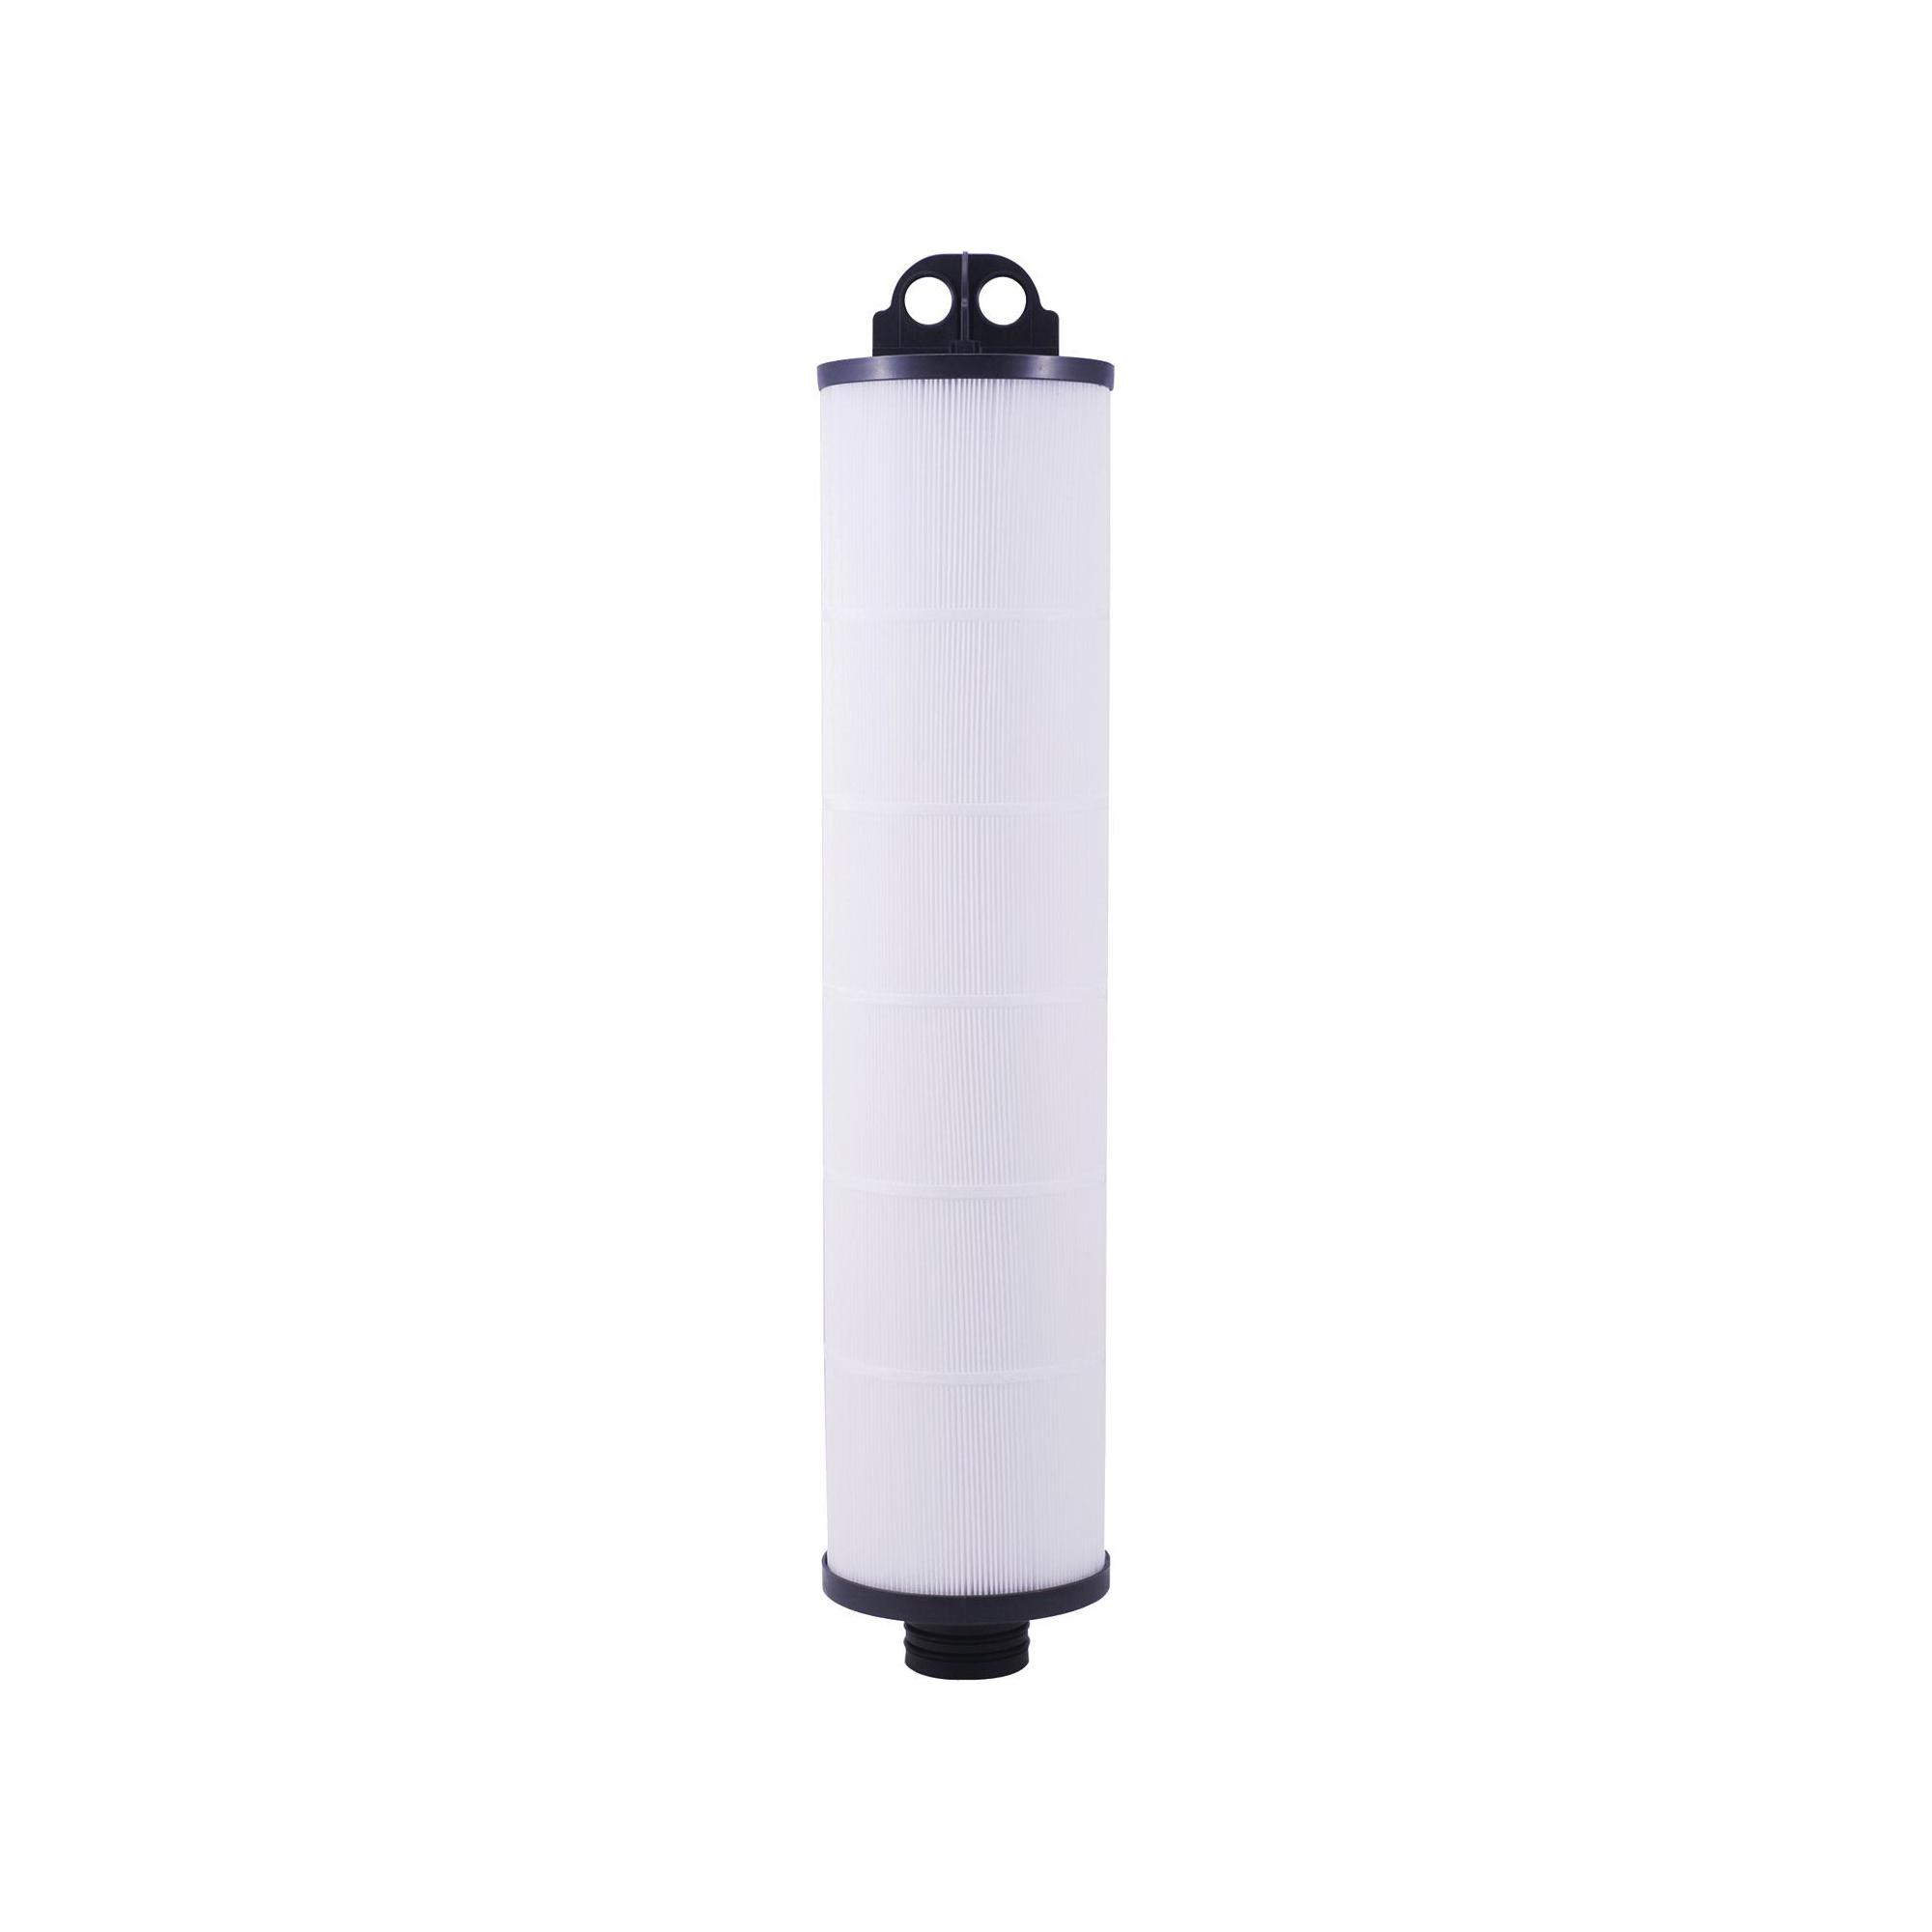 WATTS® 7100304 PWWJC Big Bubba Jumbo Pleated Filter Cartridge, 15.4 in W x 42.7 in H, Polypropylene